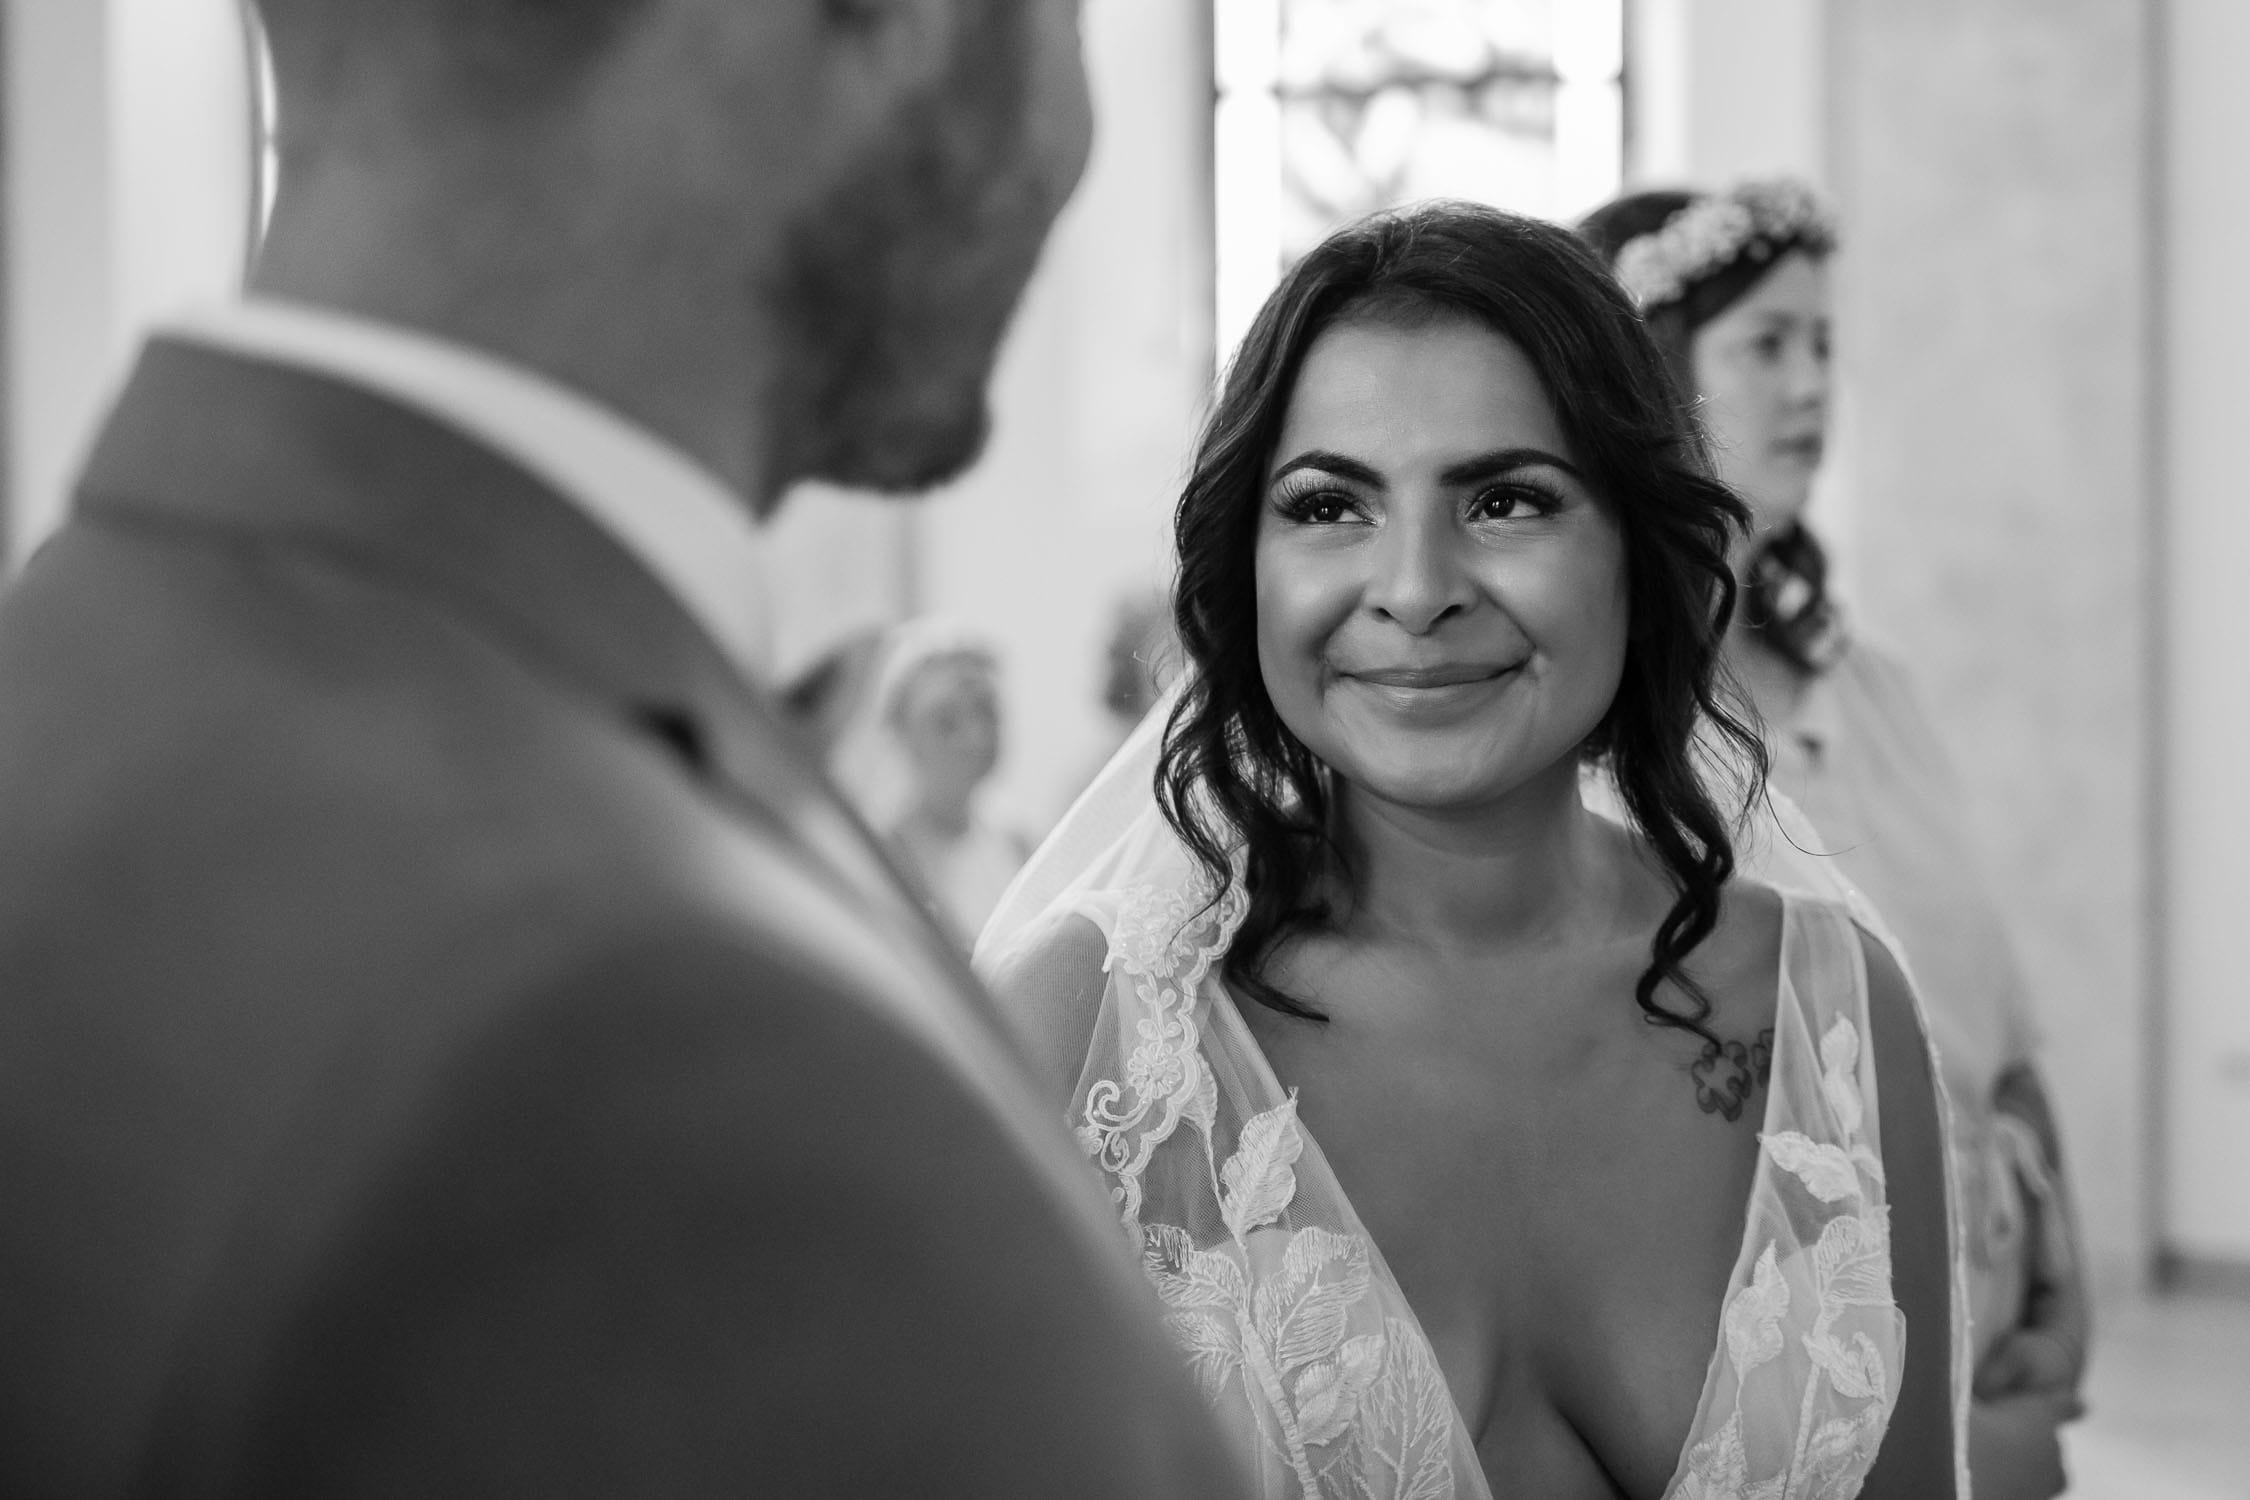 Authentische Hochzeitsfotografie Hochzeitsfotograf Koeln Andre Bastos Fotoggrafie 13 min – gesehen bei frauimmer-herrewig.de